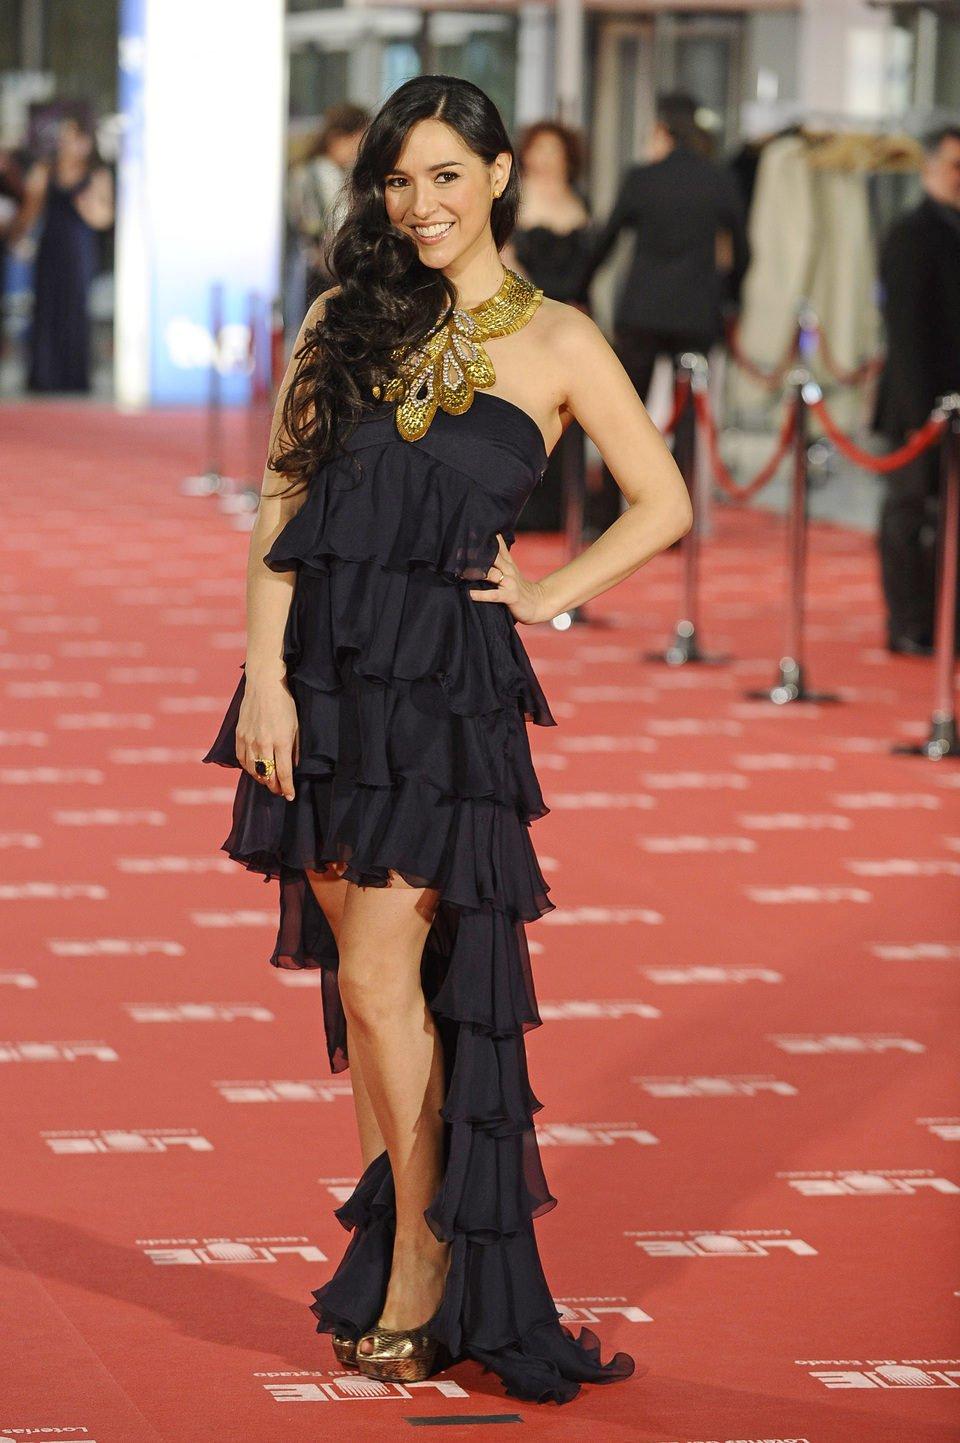 Cristina Brondo en la alfombra roja de los premios Goya 2012